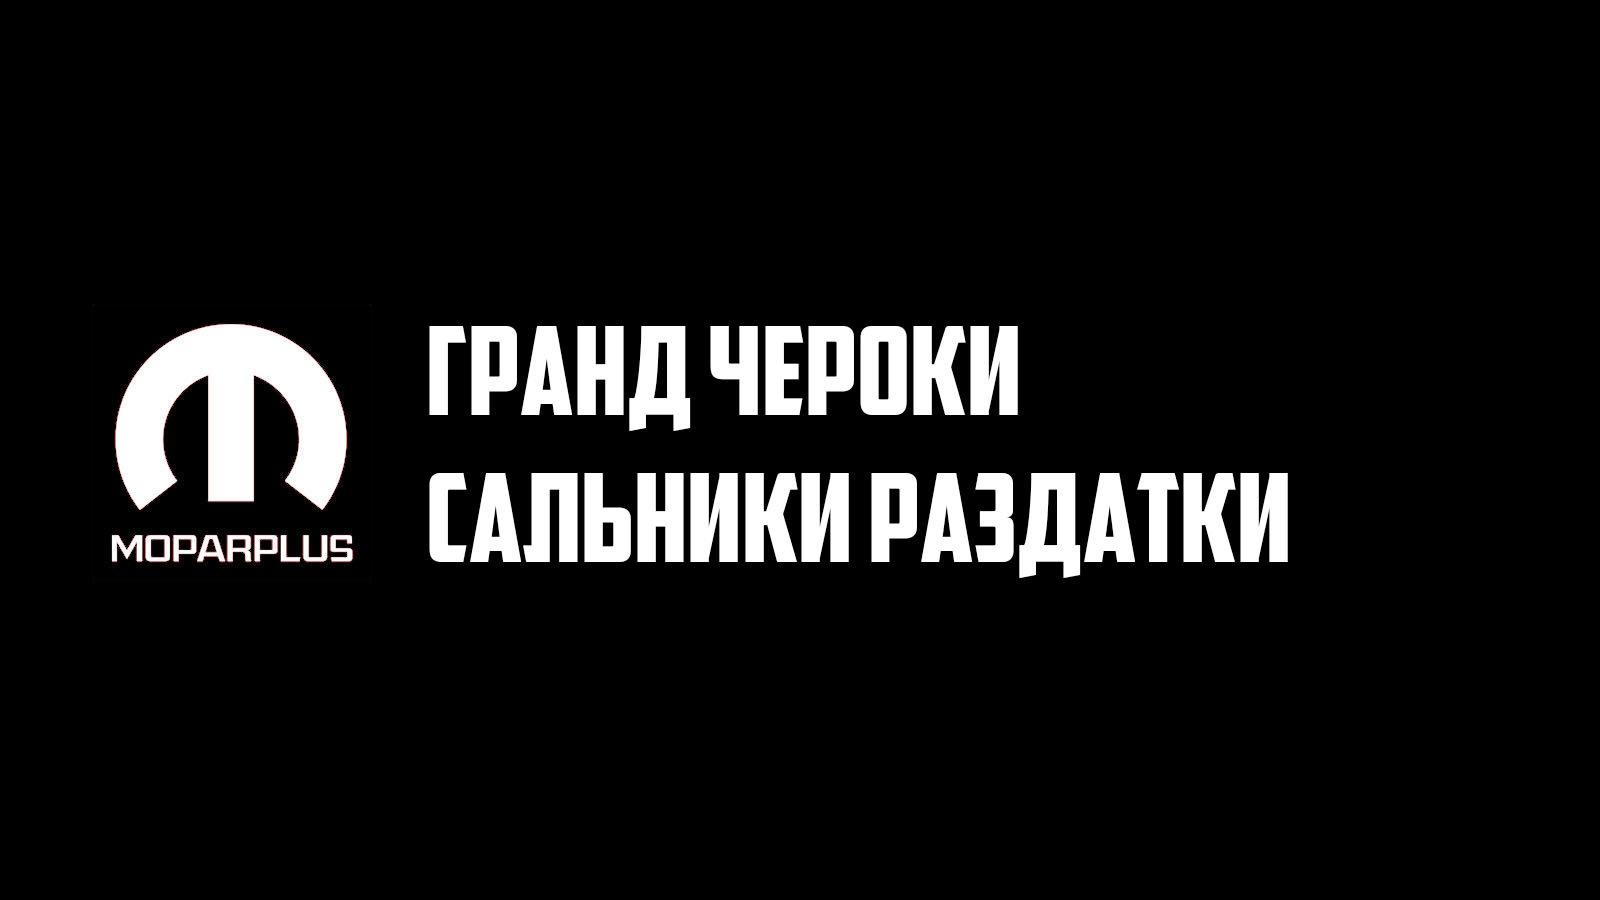 Замена сальников раздатки Гранд Чероки